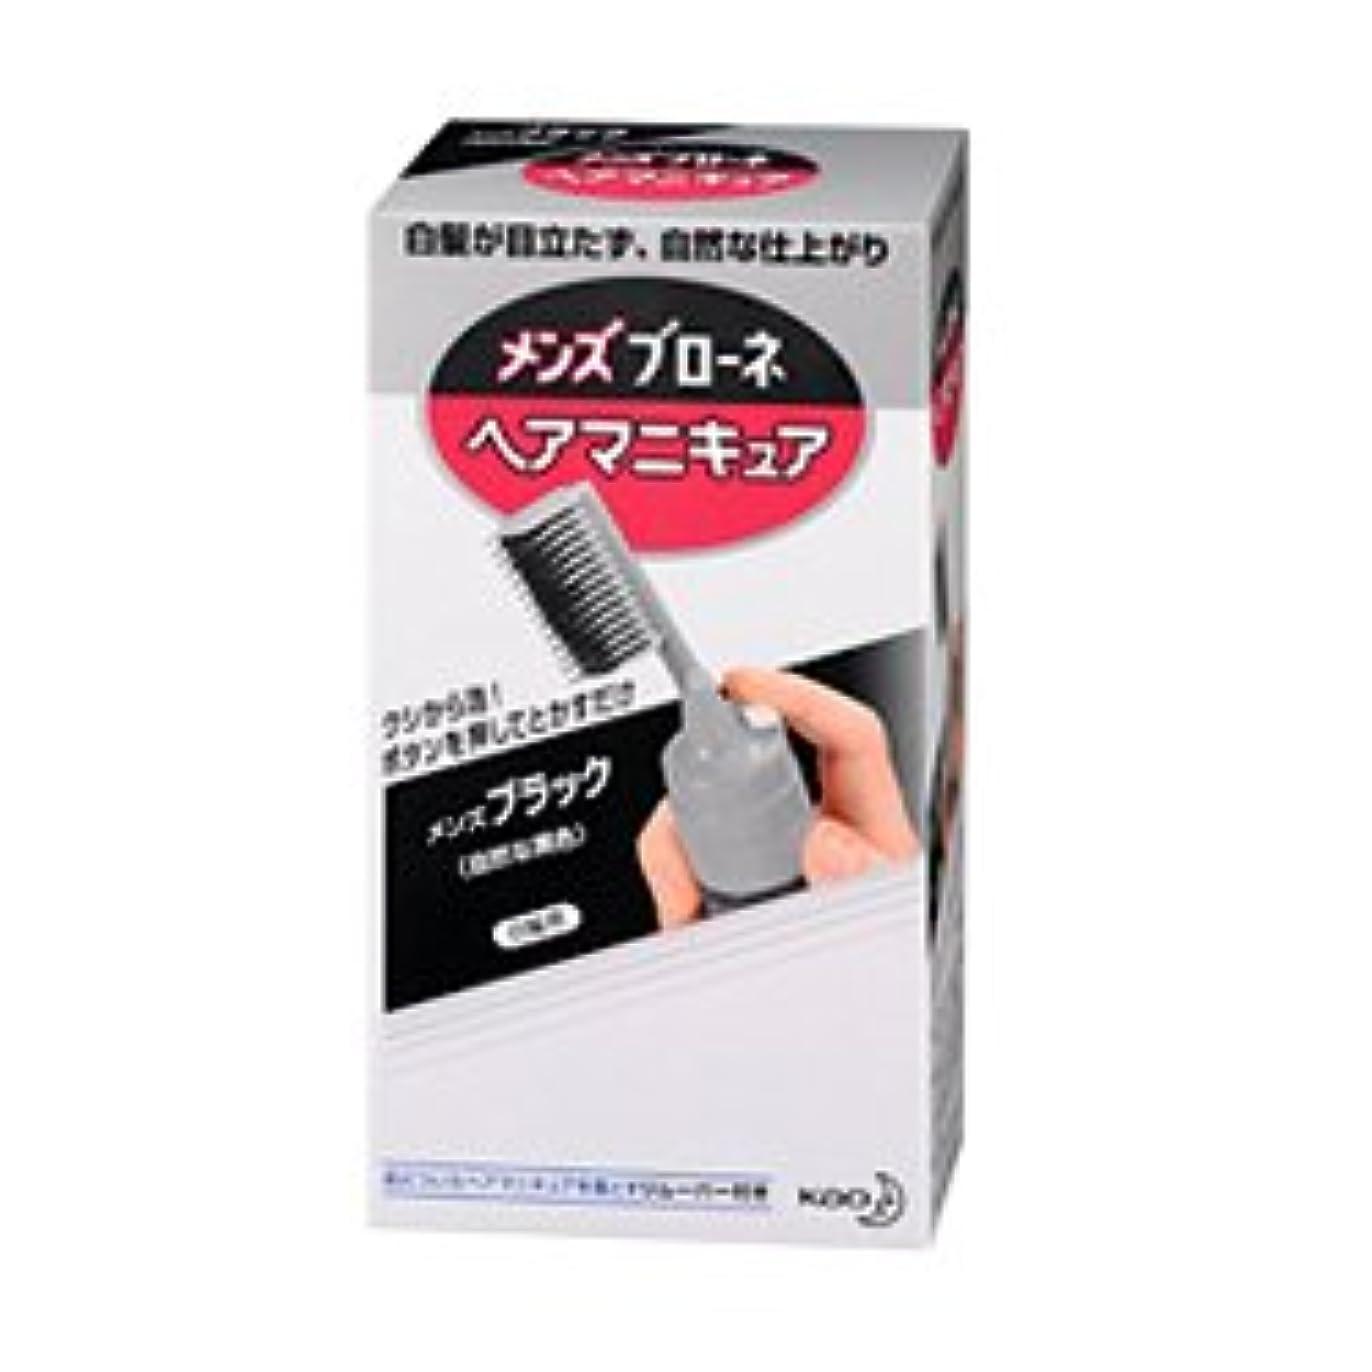 【花王】メンズブローネ ヘアマニキュア白髪用 メンズブラック ×5個セット